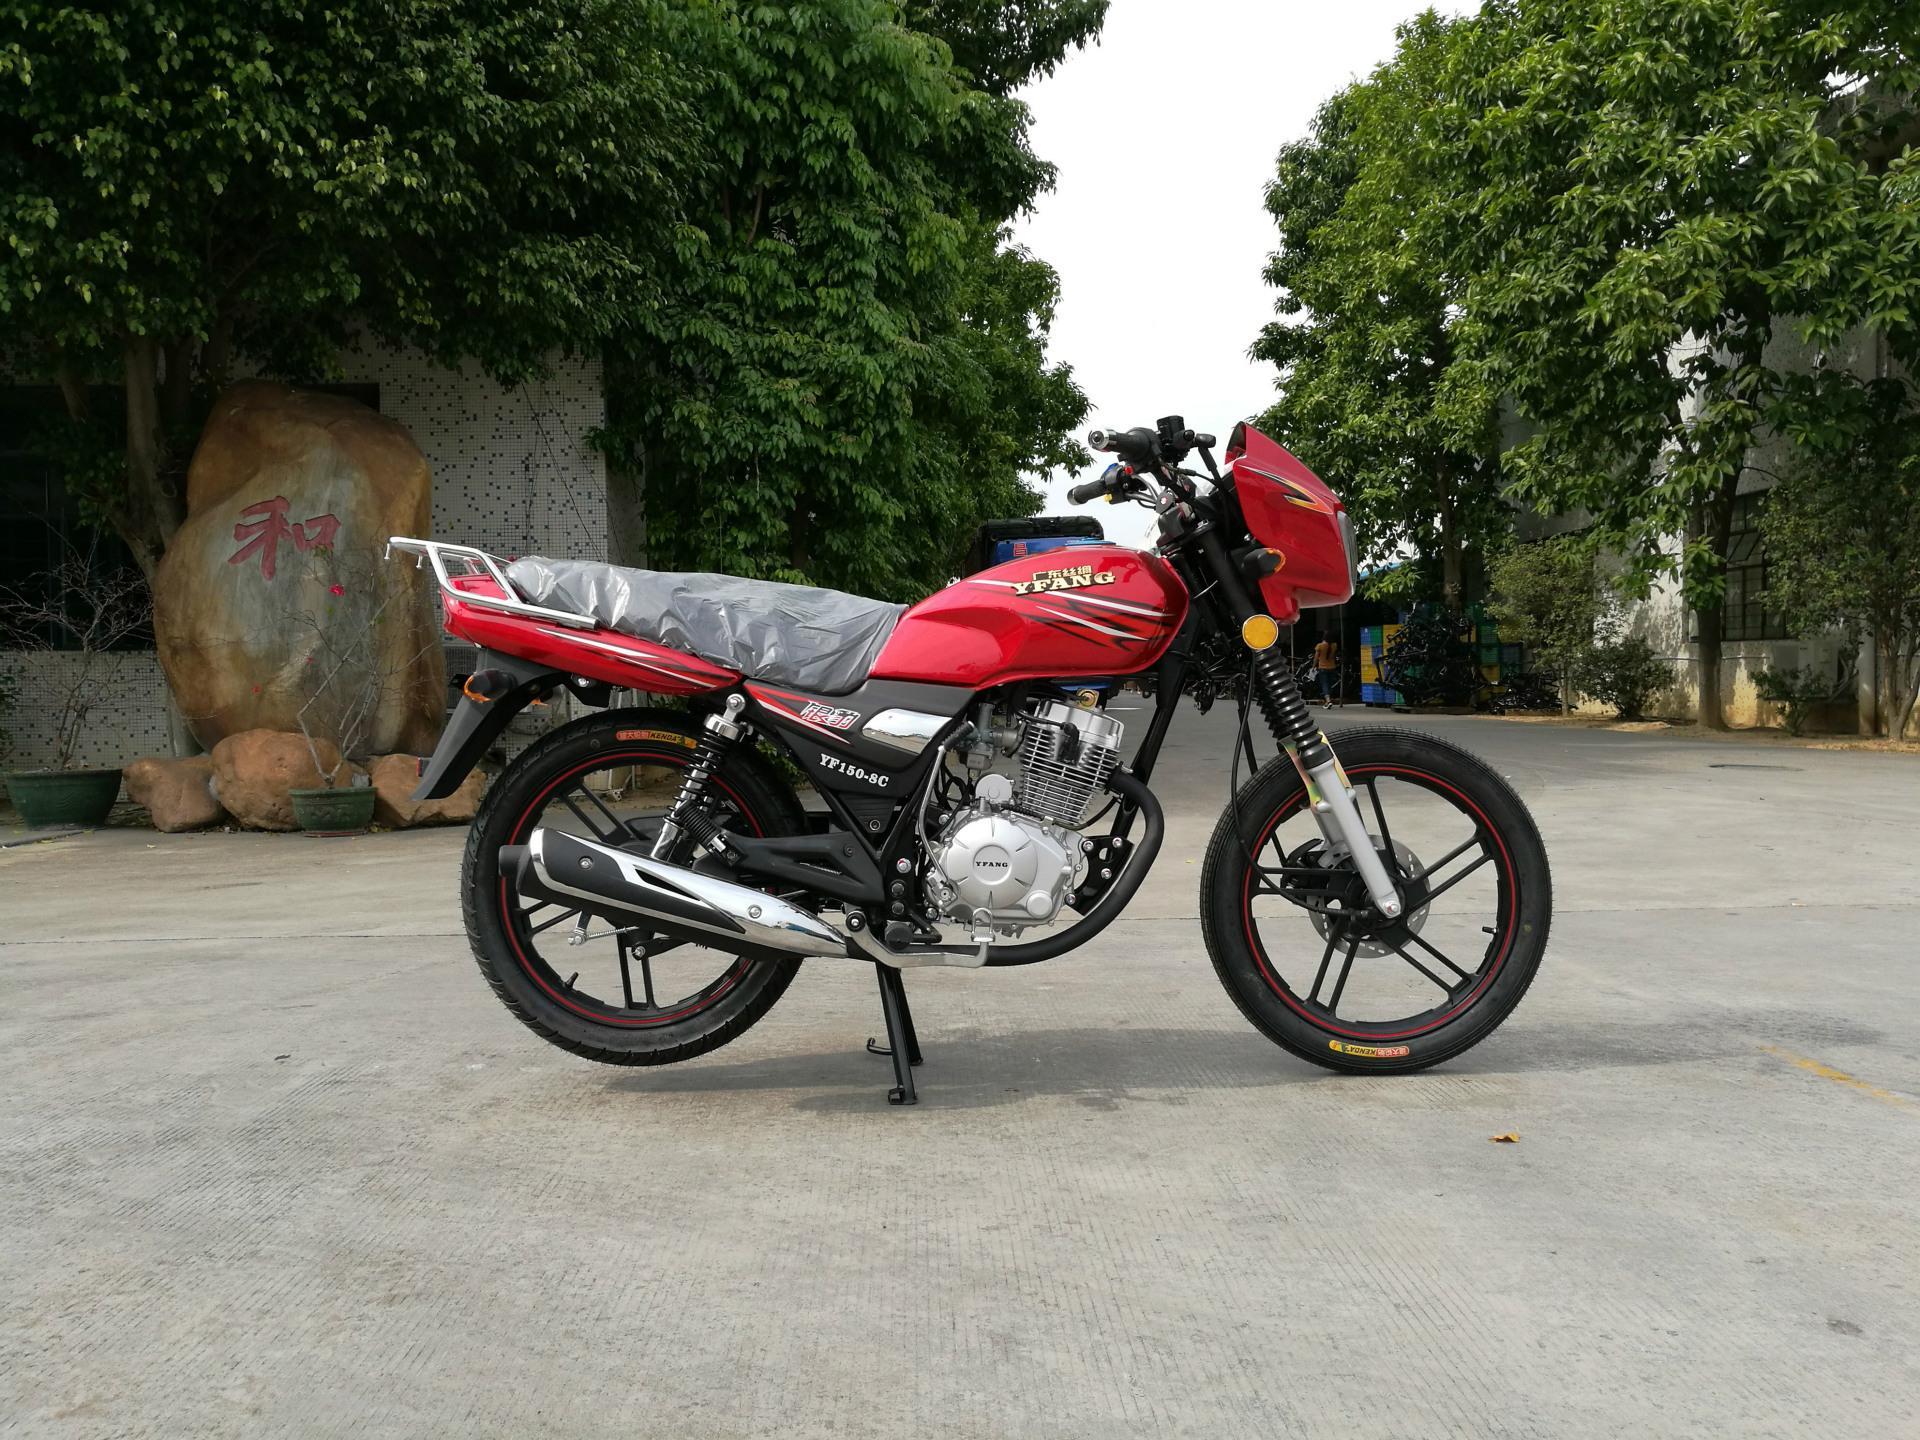 可與鈴木互換的高品質GS125型HJ125-7A銀豹出口摩托車 1